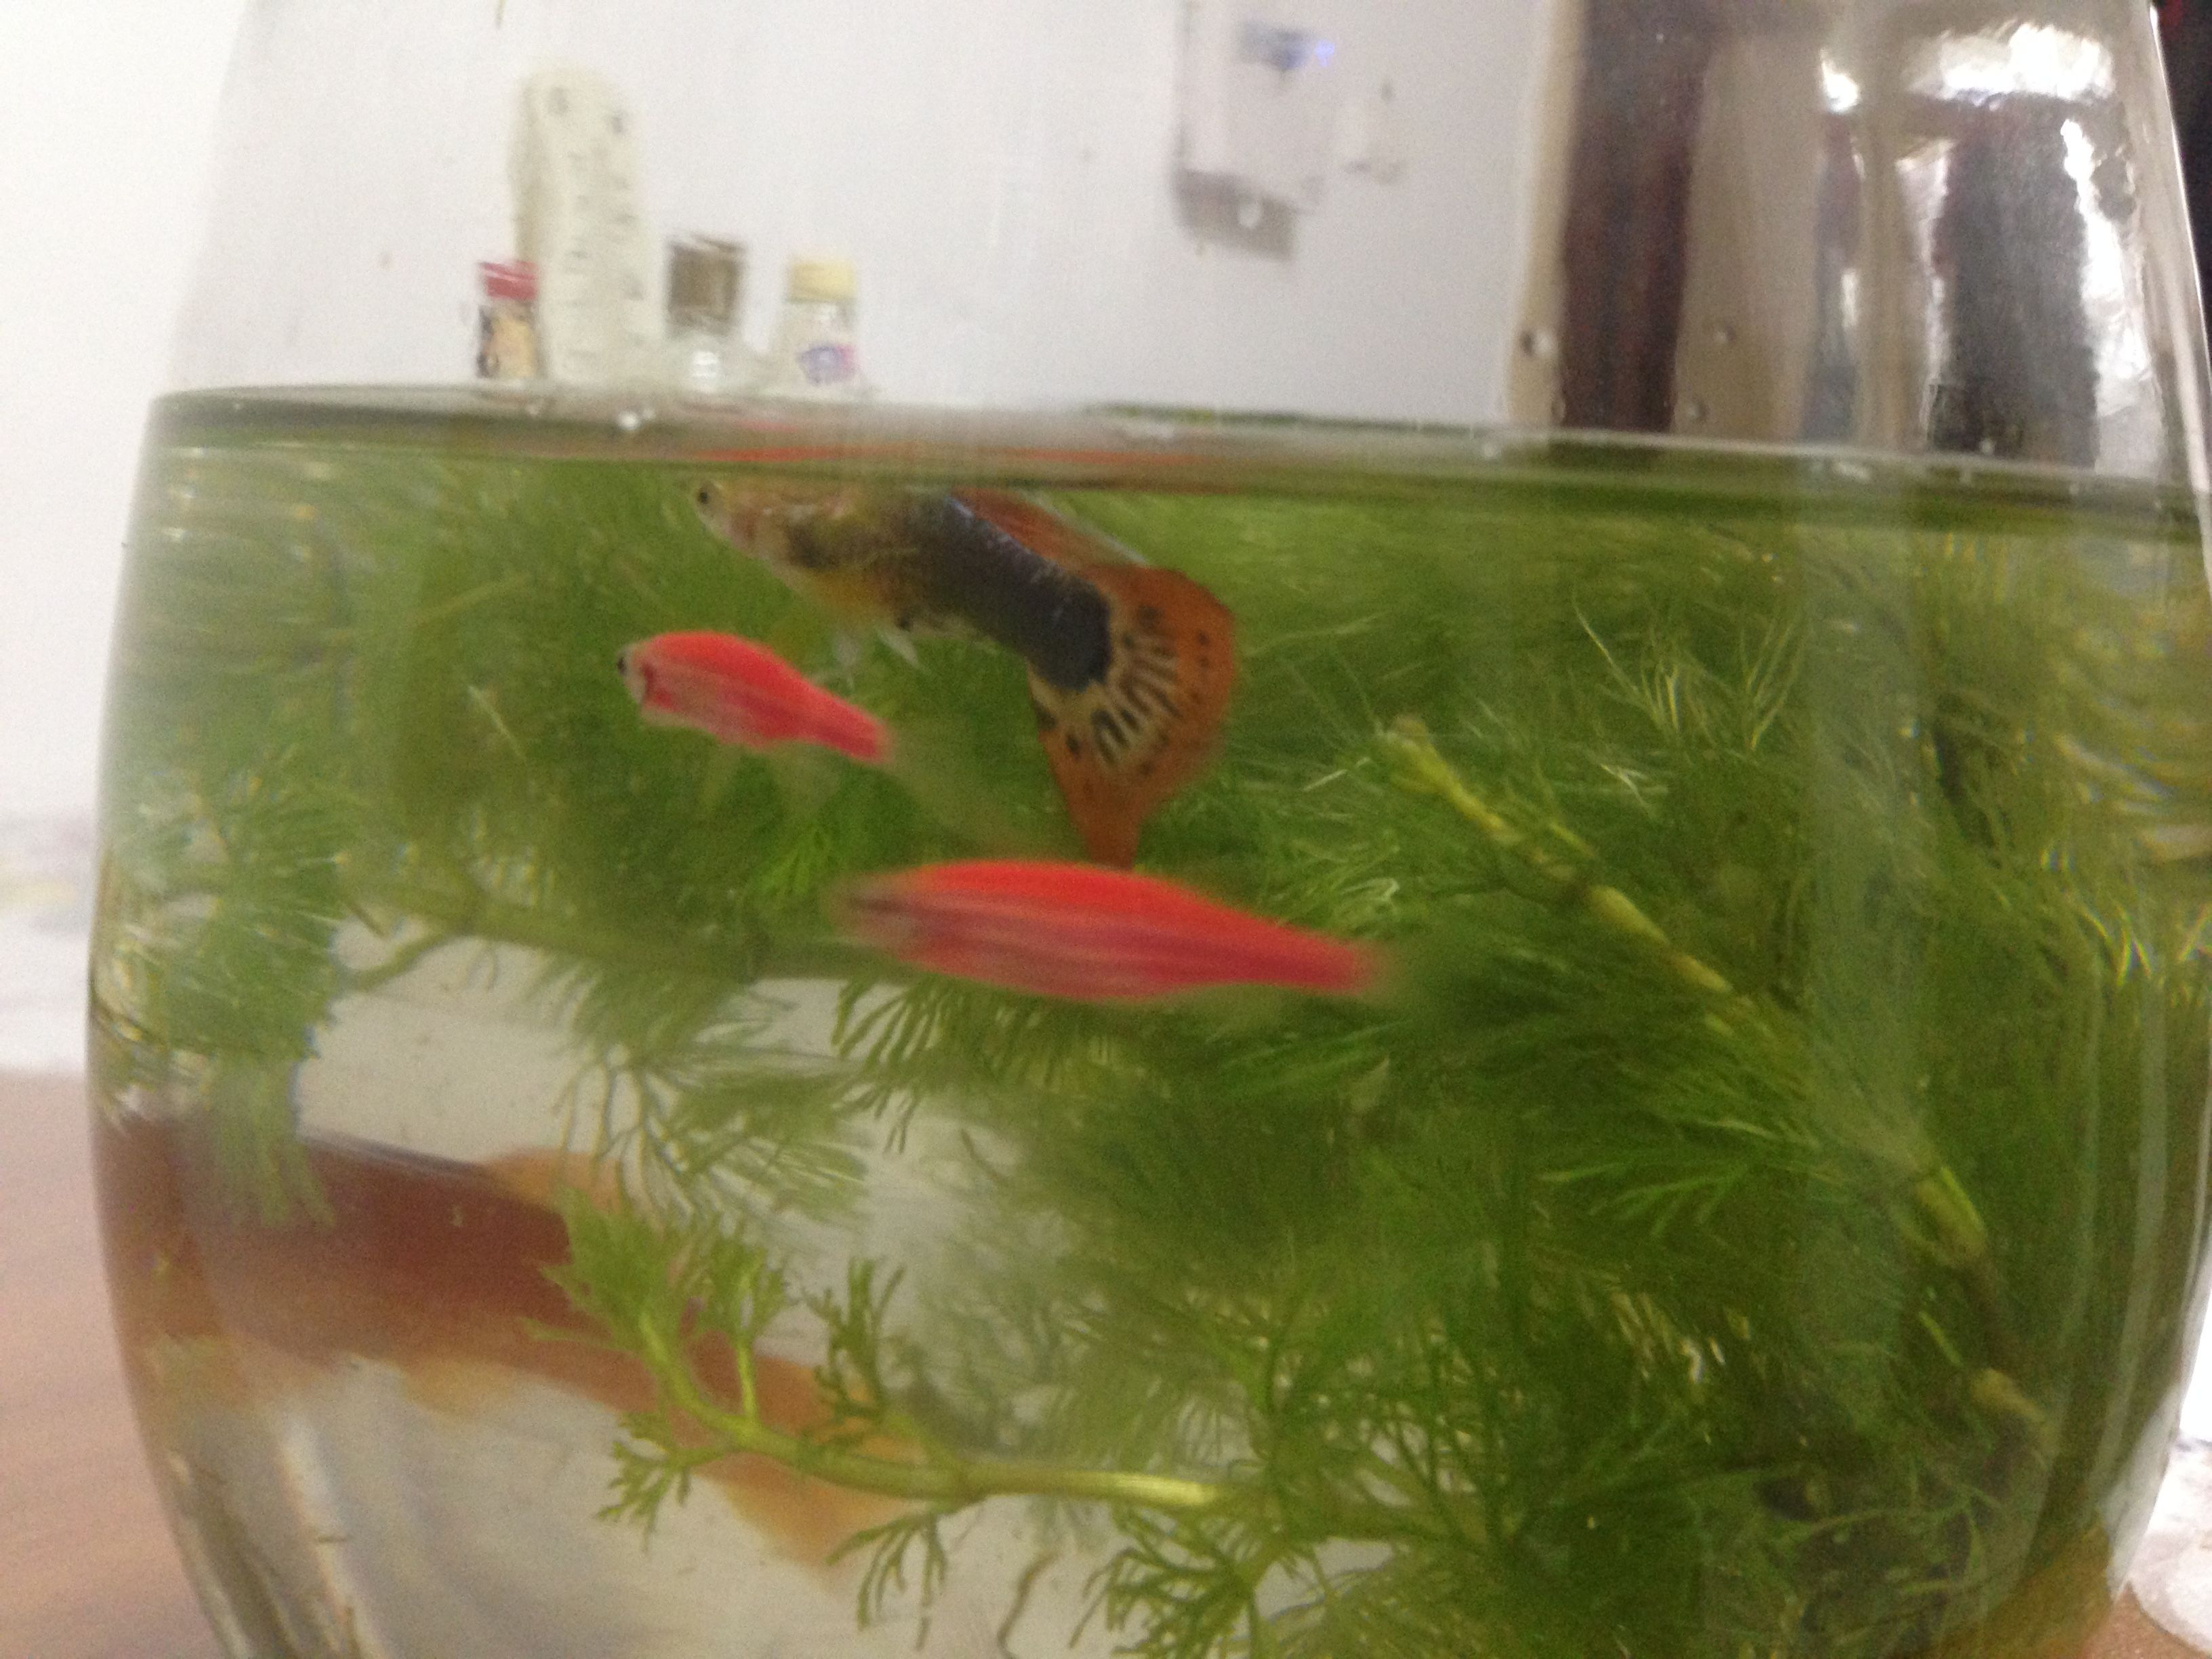 红斑马鱼好养吗_刚买的小型观赏鱼,求问种类和饲养方式_百度知道